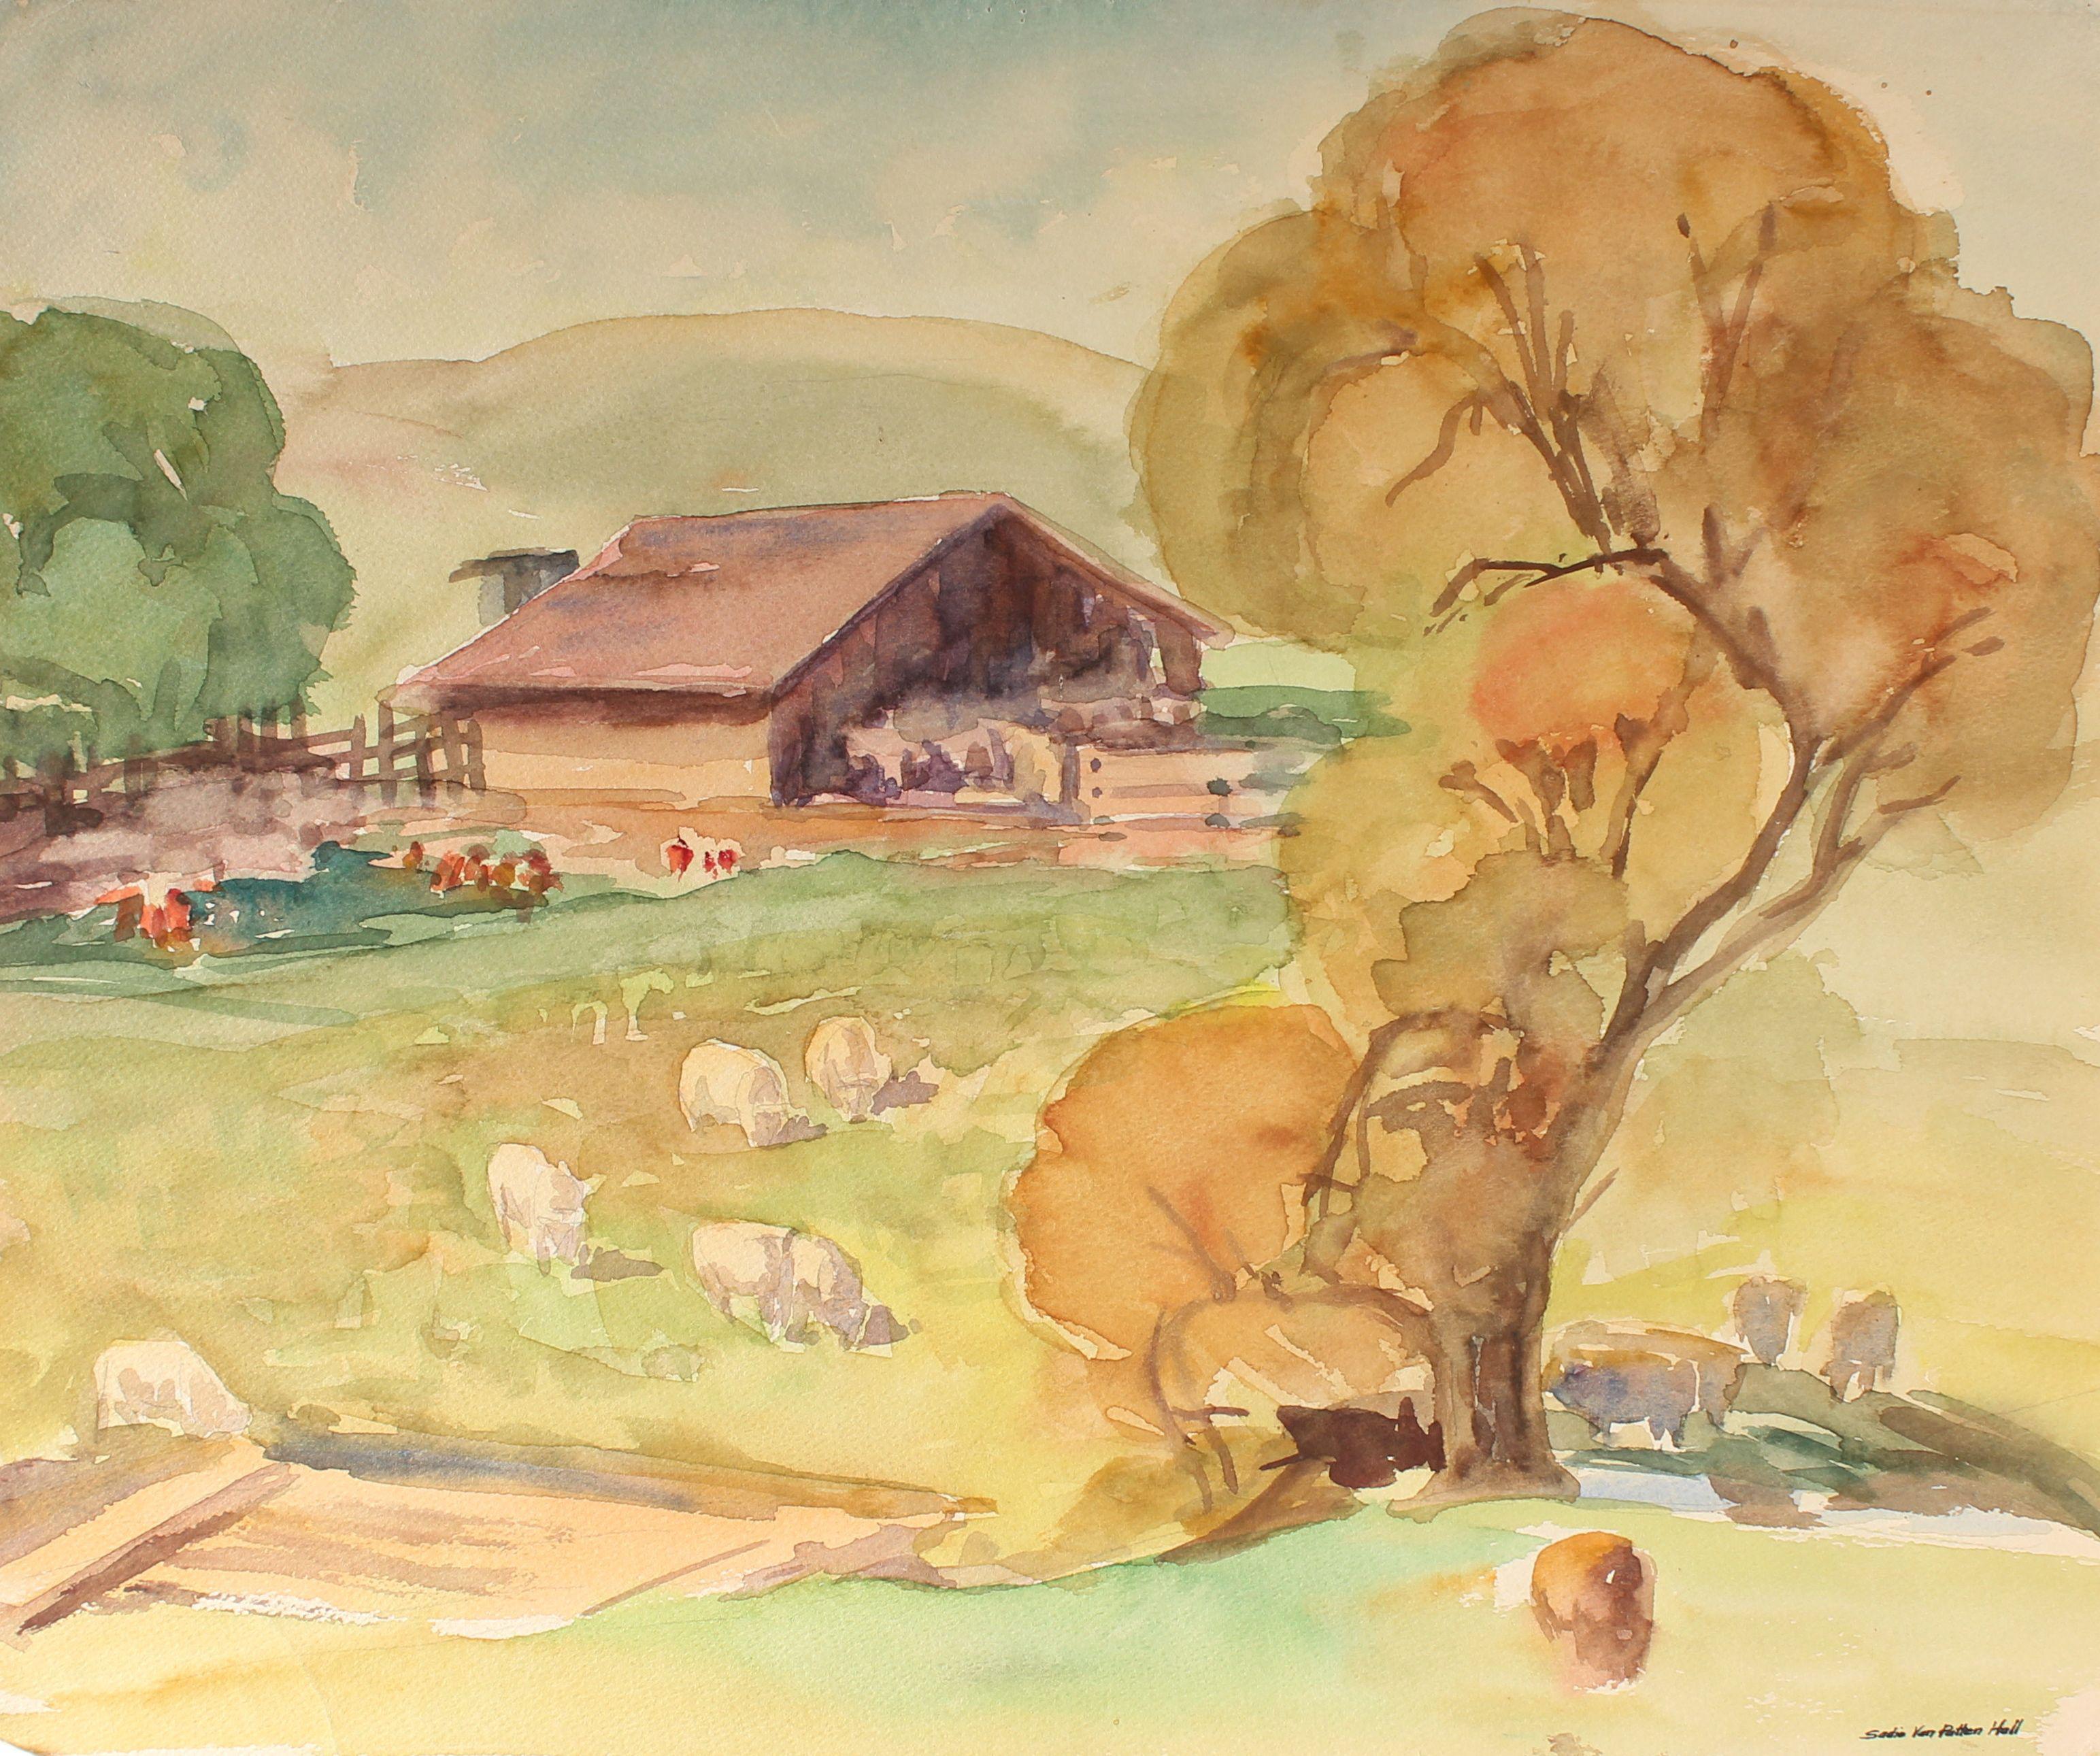 Northern California Farm Animal Landscape Scene with a Barn in Watercolor